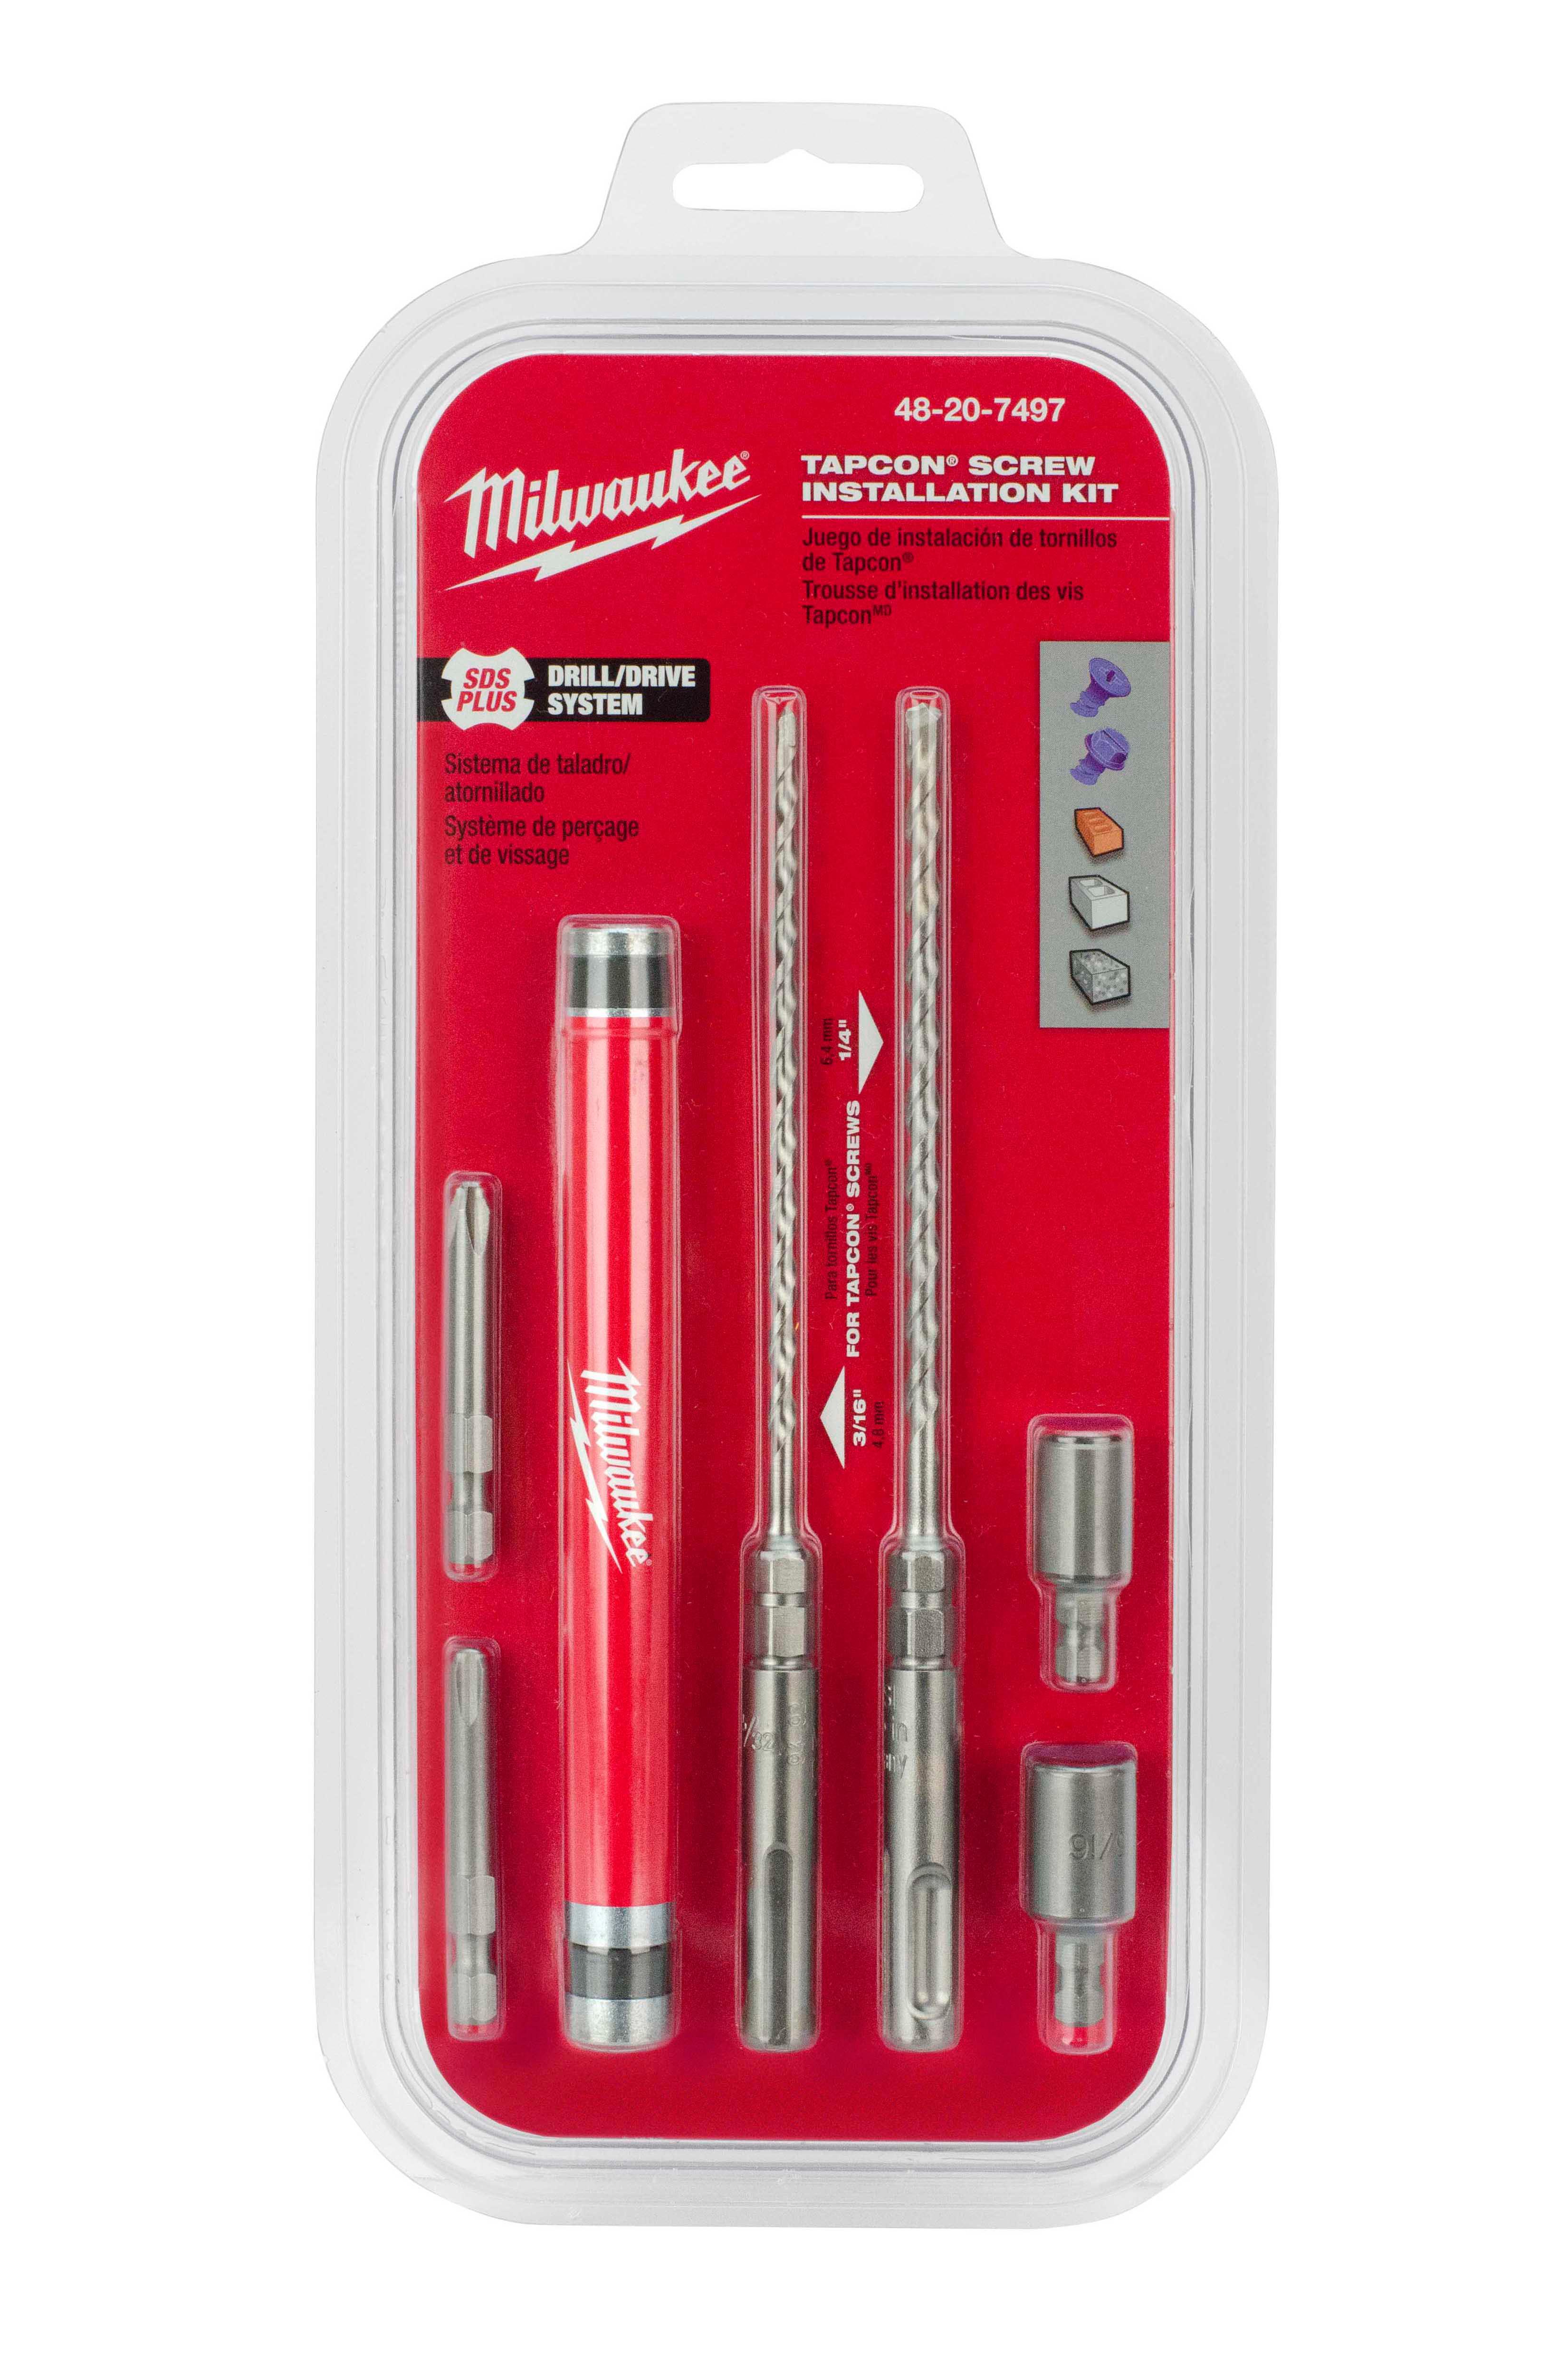 Milwaukee® Tapcon® 48-20-7497 Installation Kit, 7 Pieces, Carbide